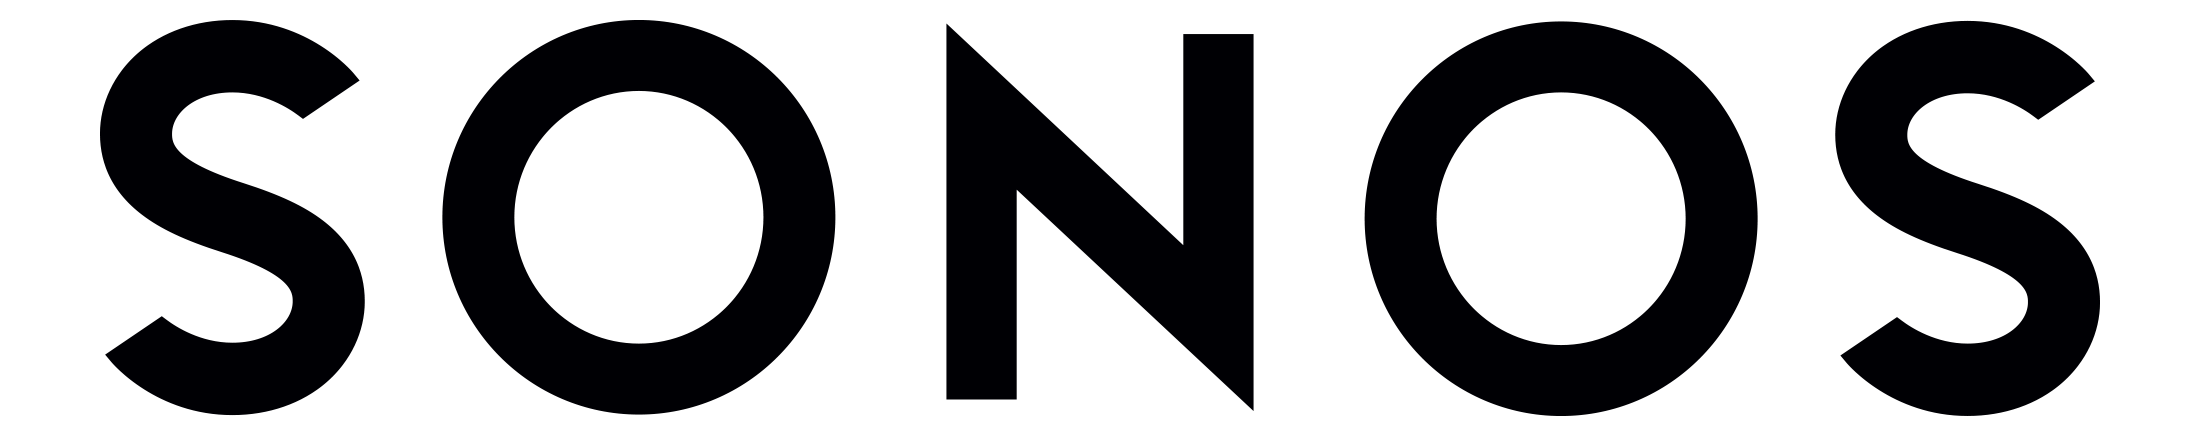 181023-sonos-logo-black-b45ff7-original-1443493203